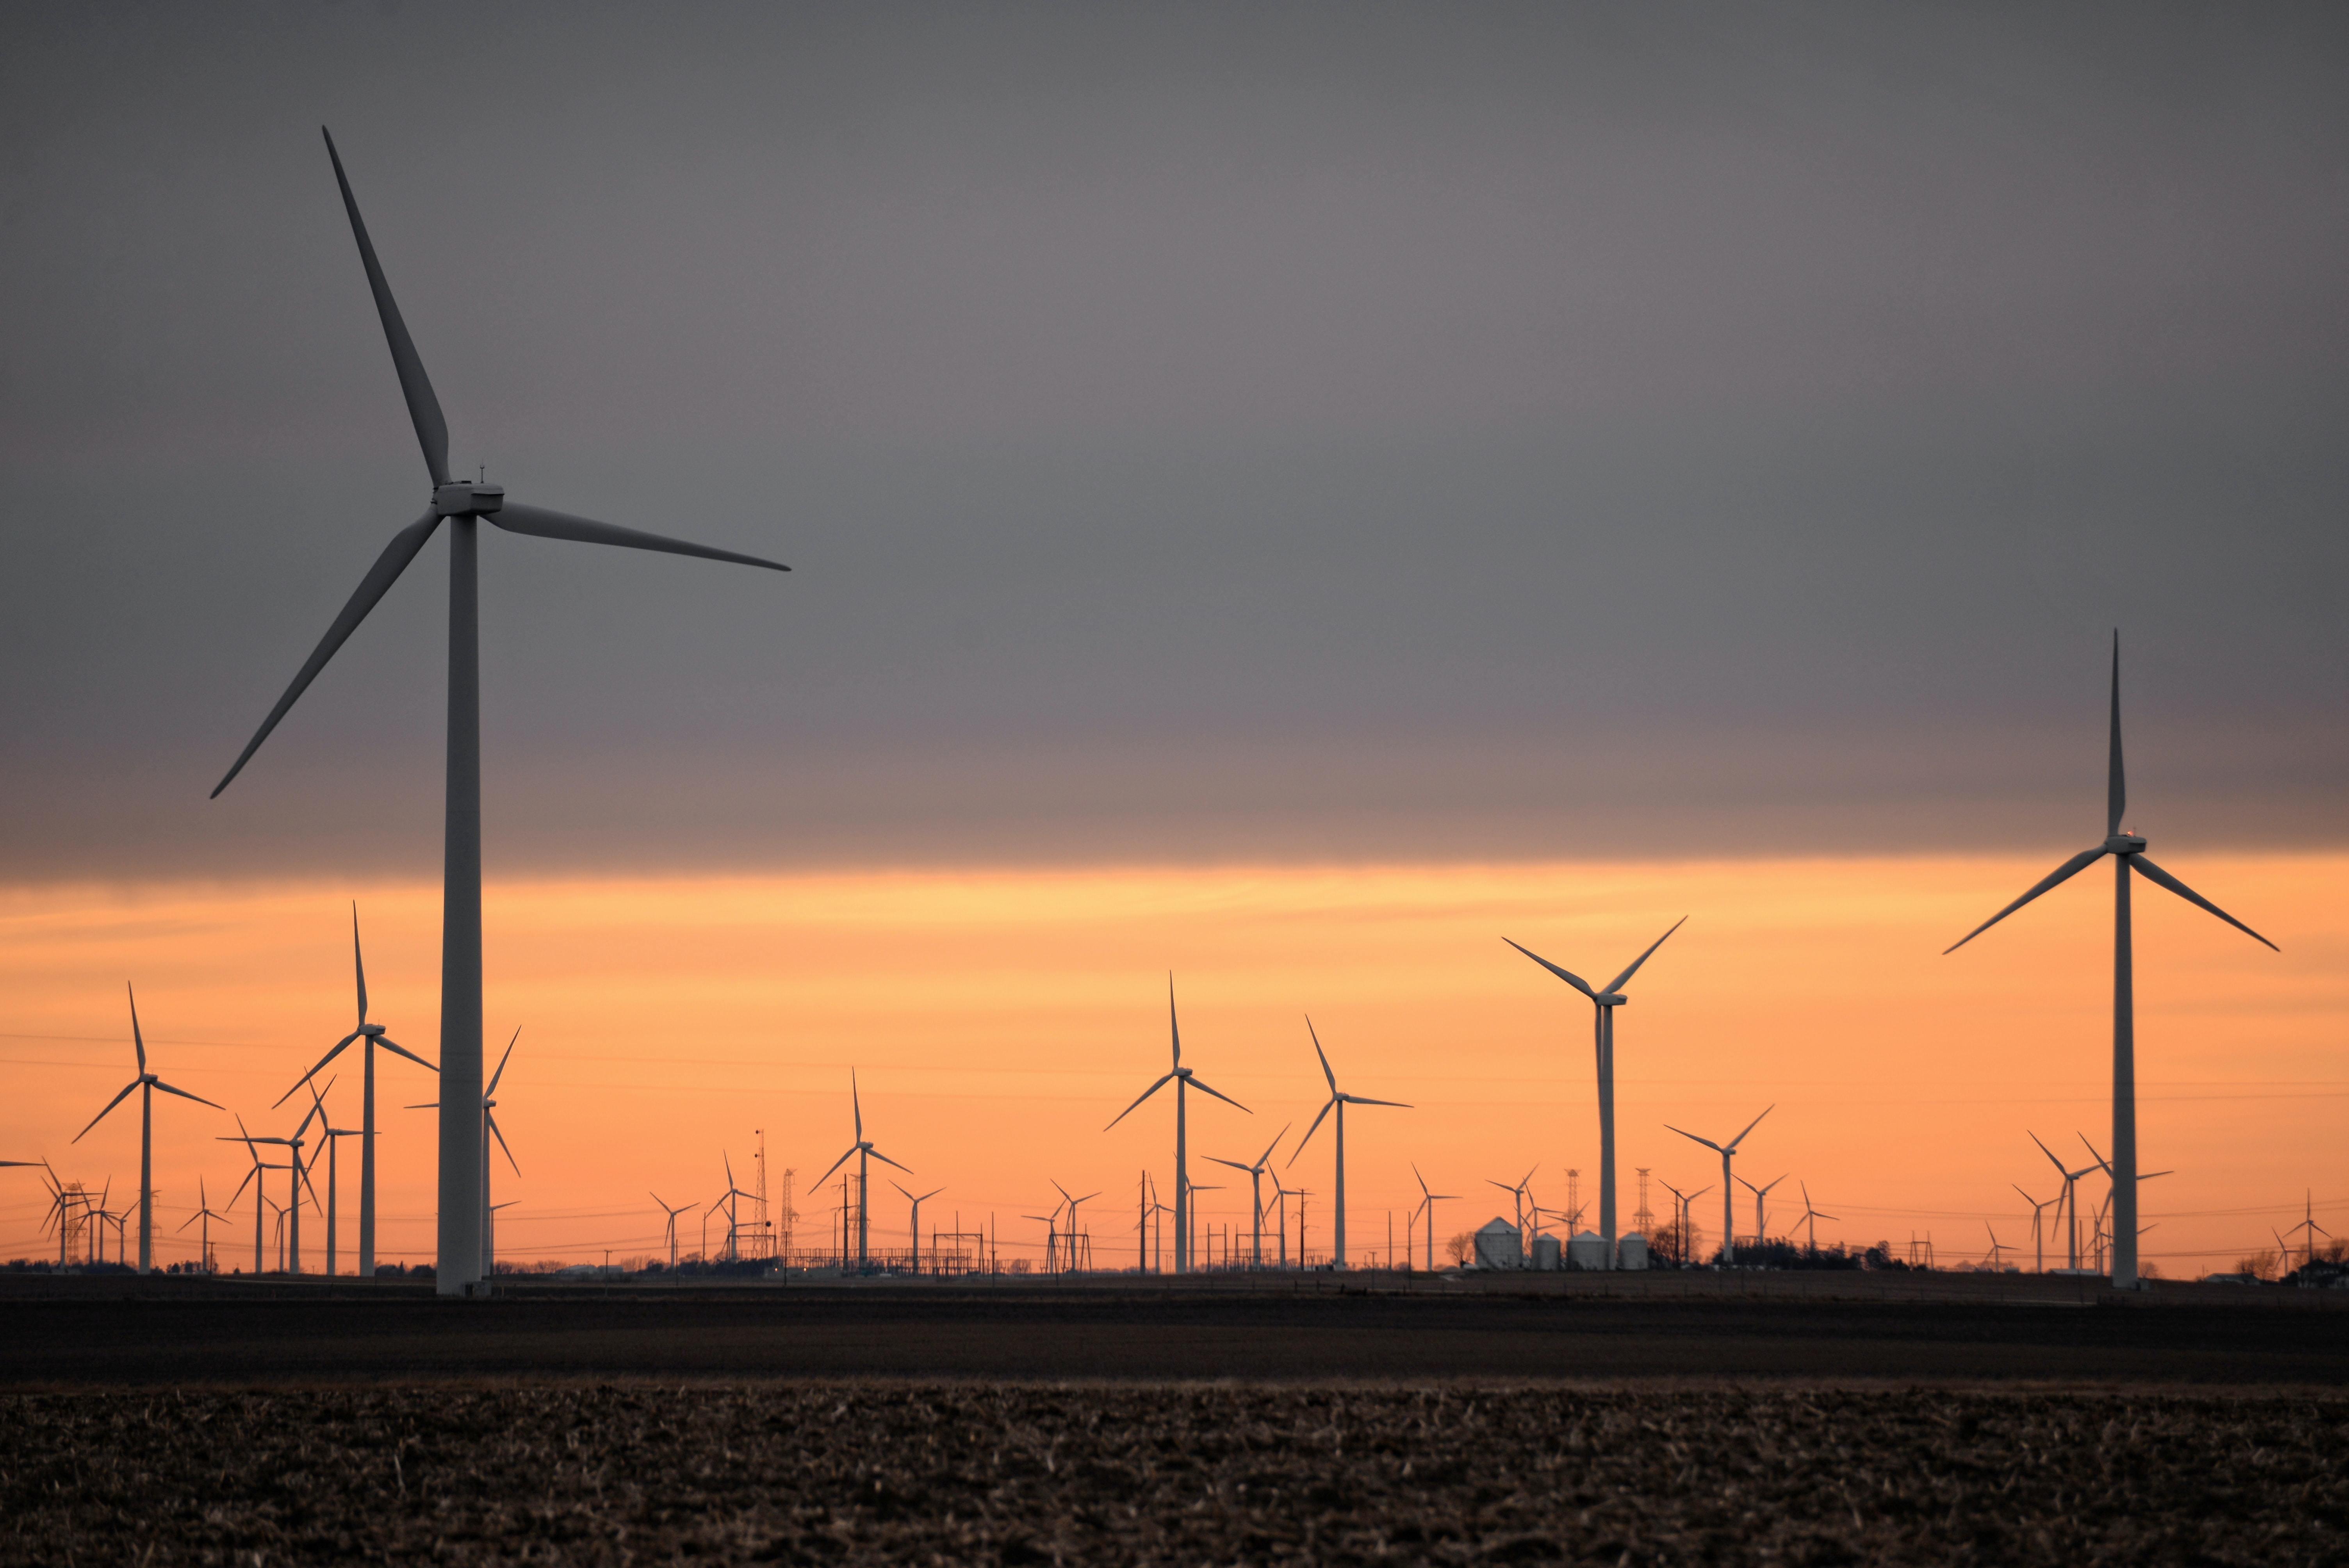 Las inversiones sostenibles podrían ser una forma de gestionar la creciente deuda de muchos países.